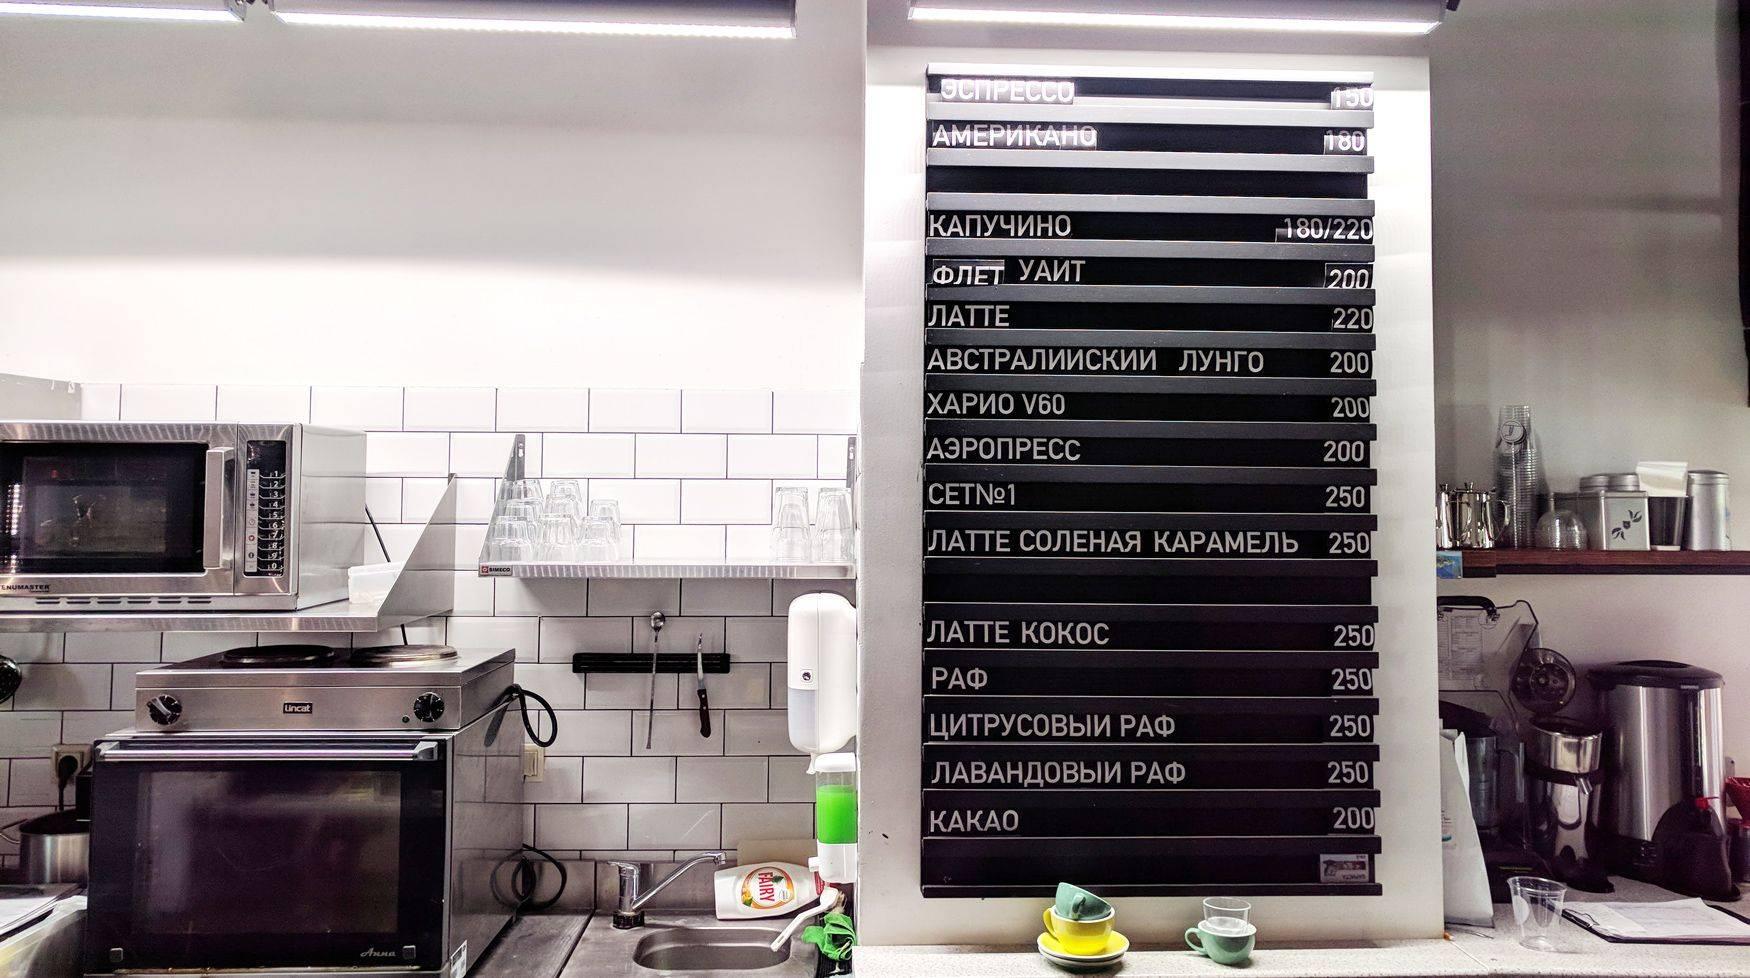 меню кофейни Point coffee food на Садовнической набережной, цены на кофе